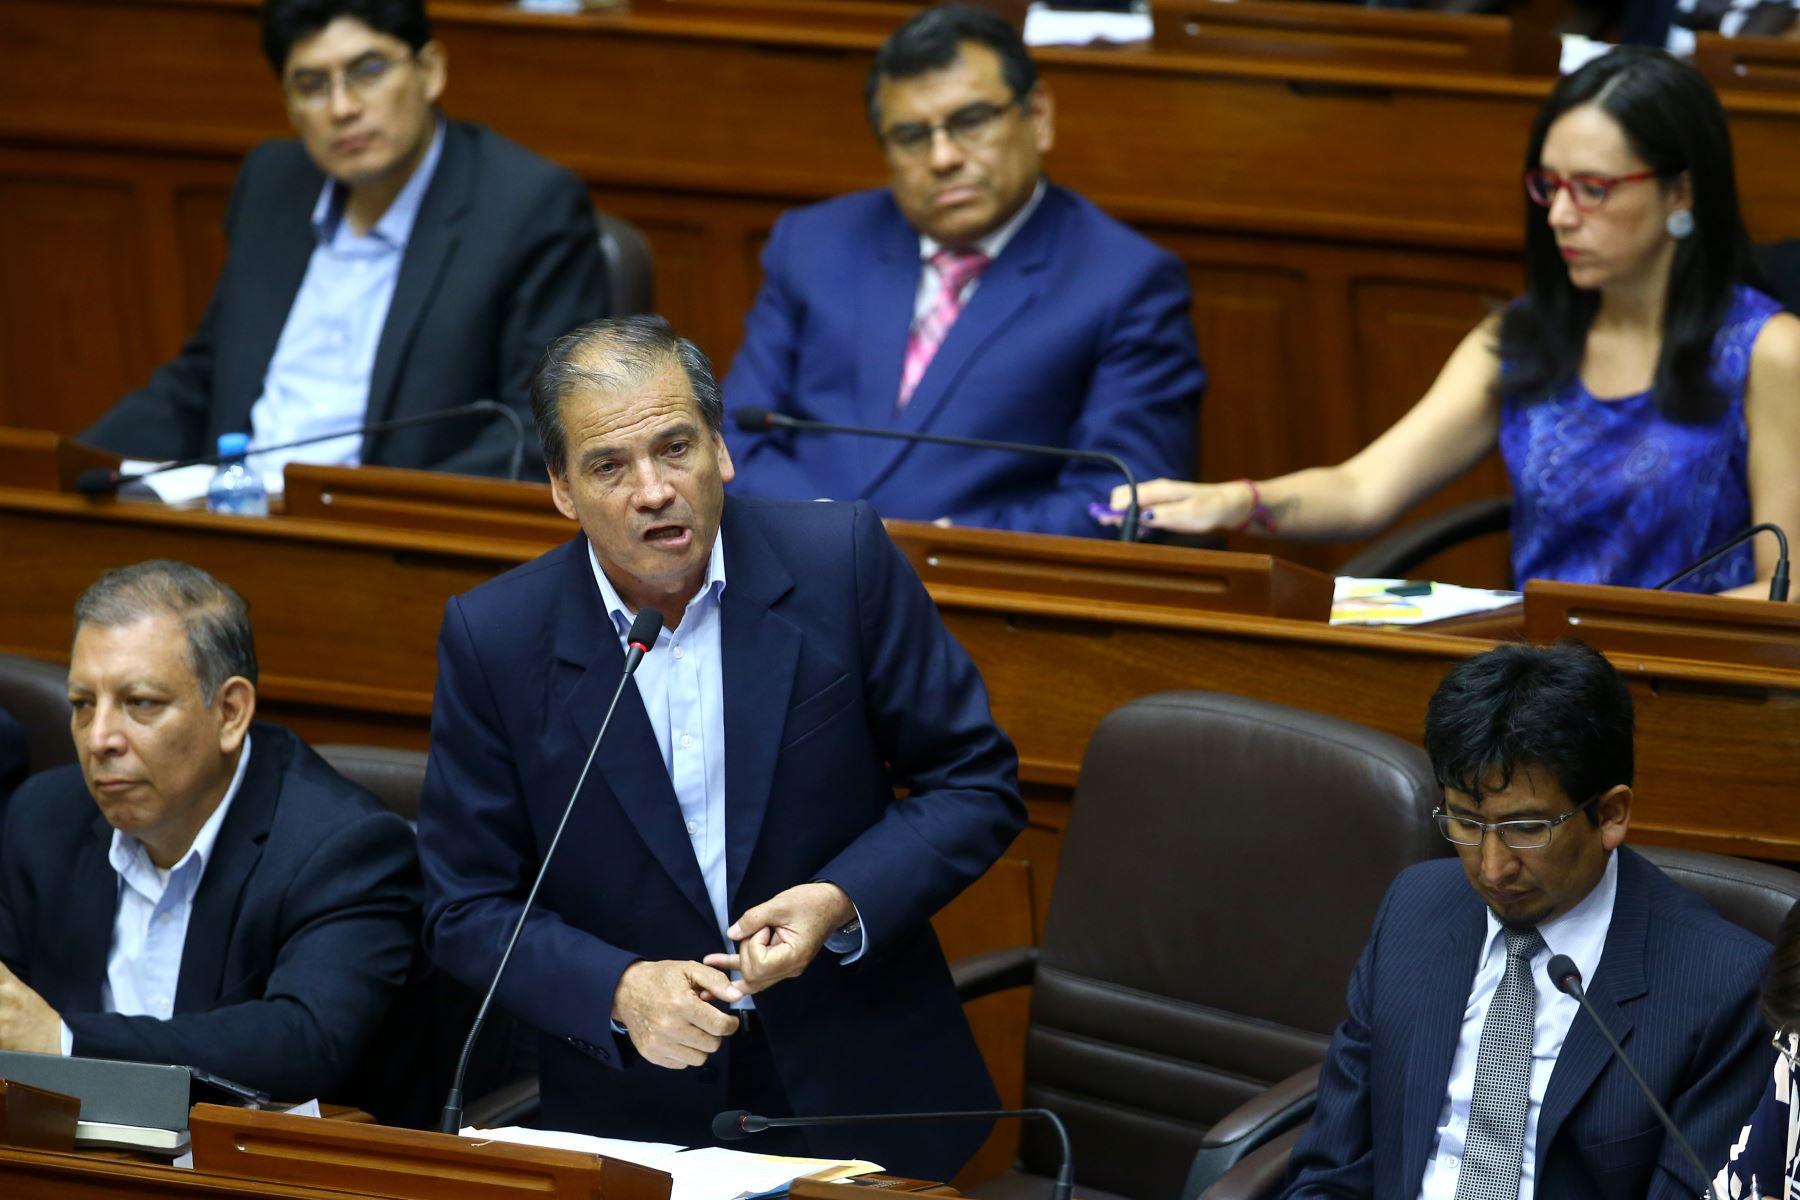 Wilbert Rosas durante su participación en el debate a la aceptación de la carta de renuncia del Presidente Kuczynski. Foto: ANDINA/Melina Mejía